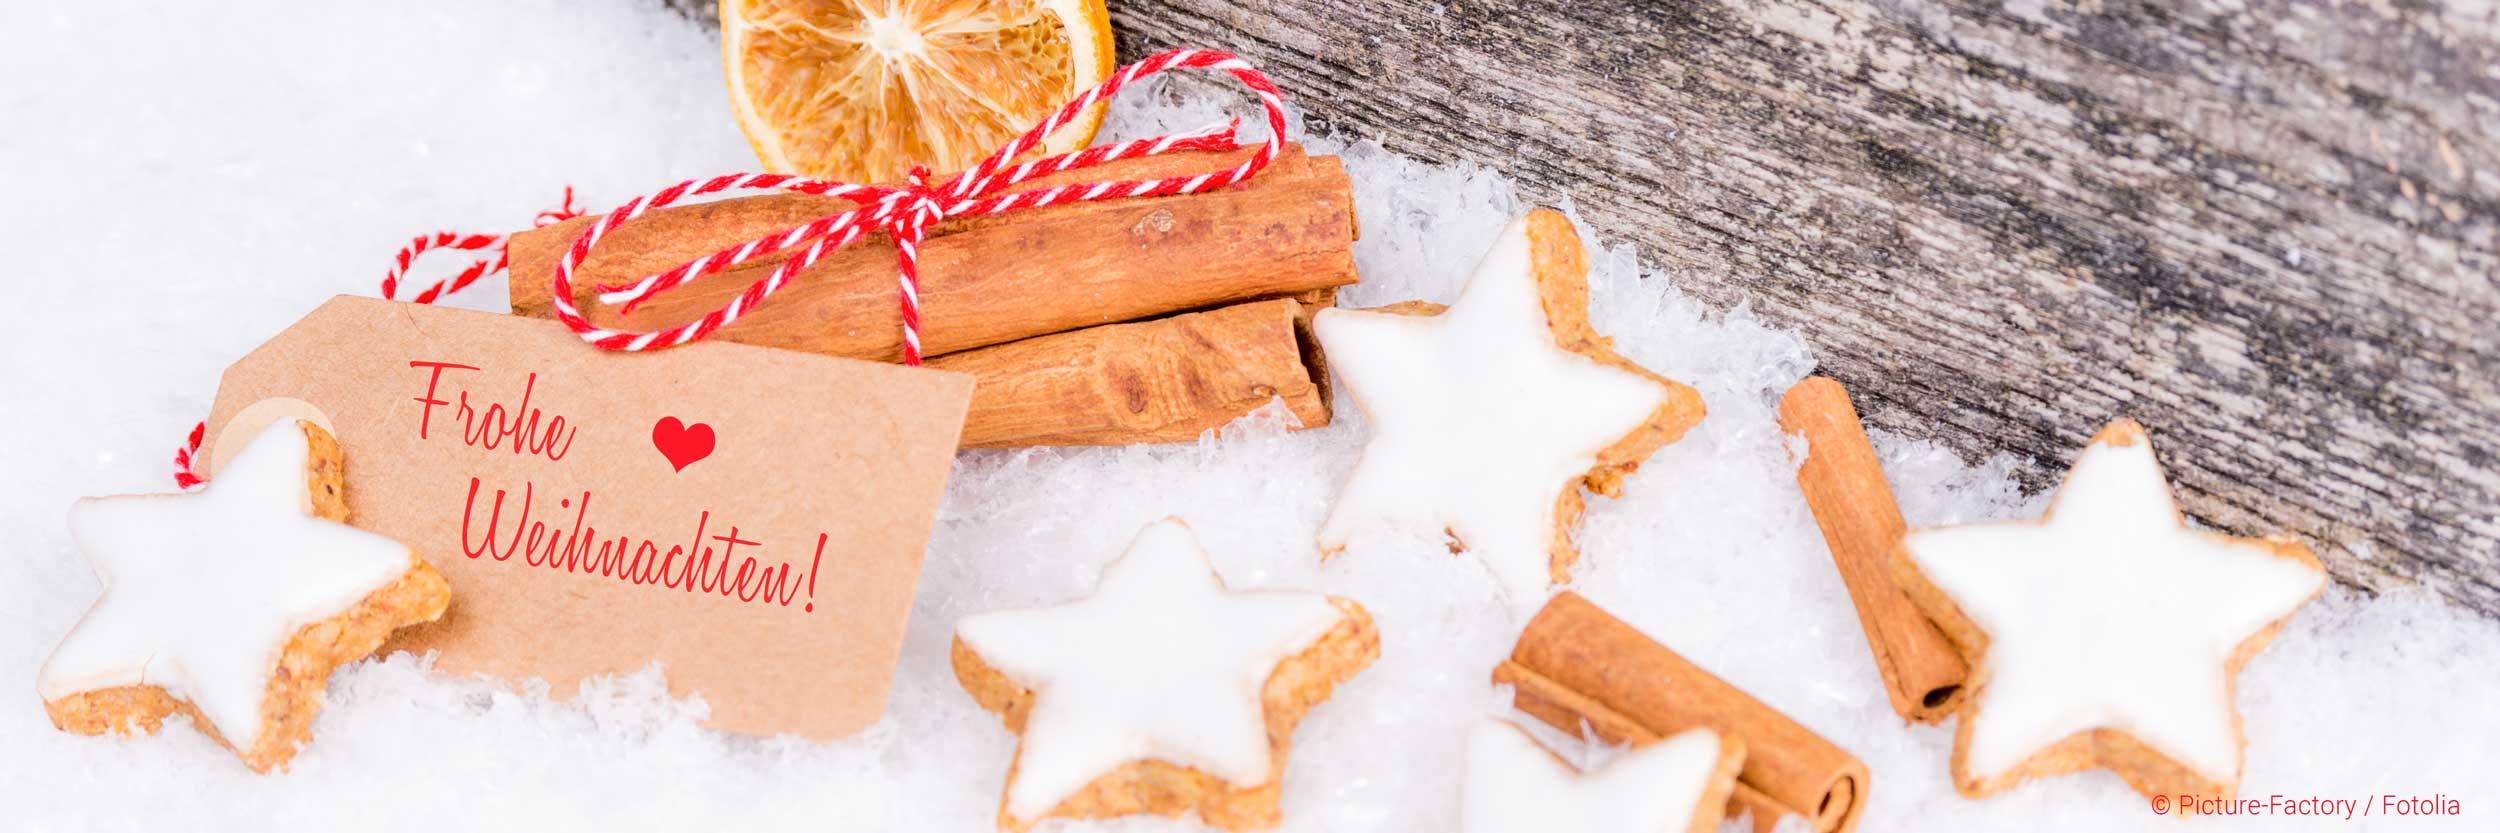 frohe-weihnachten-zimtsterne